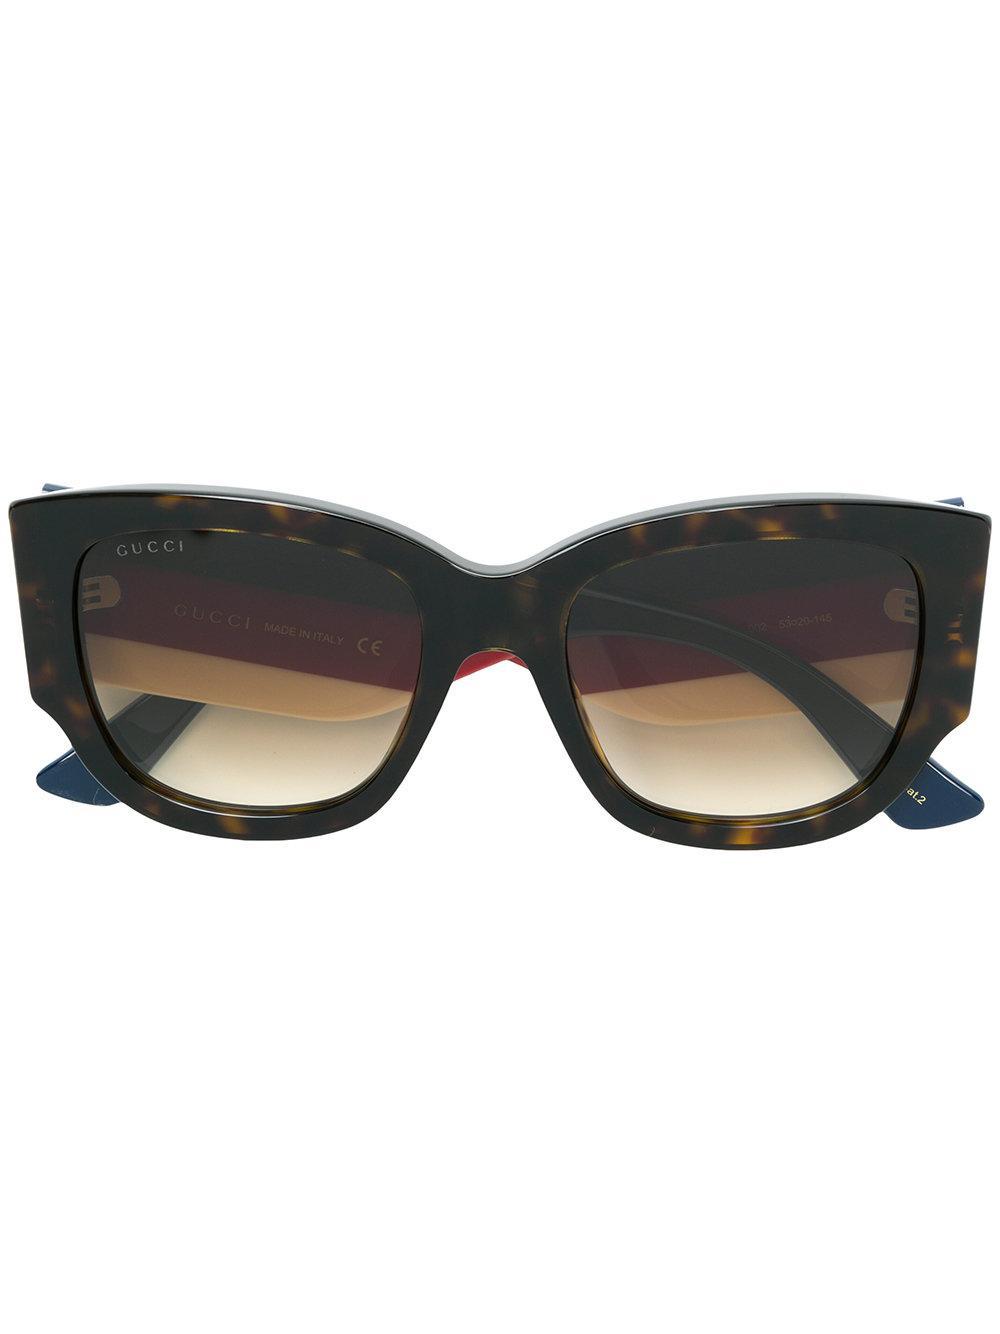 Gucci Square Sunglasses In Multicolour